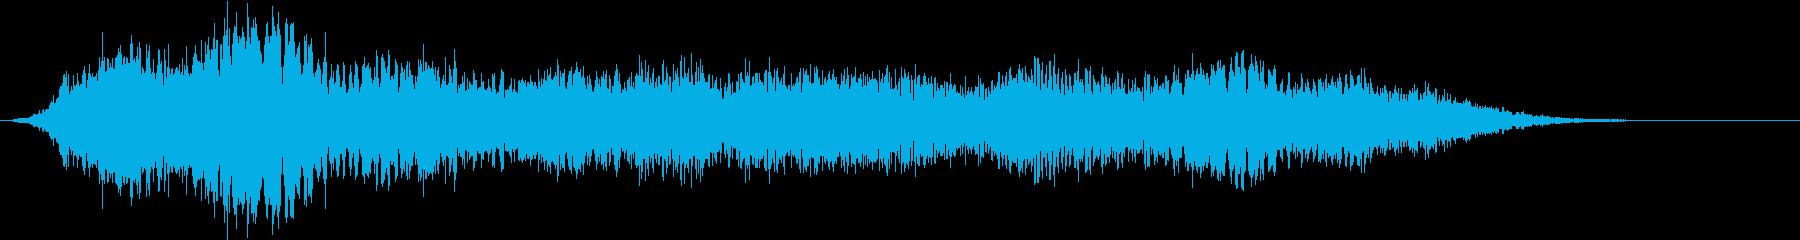 【ダーク】シーン_54 暗闇の再生済みの波形